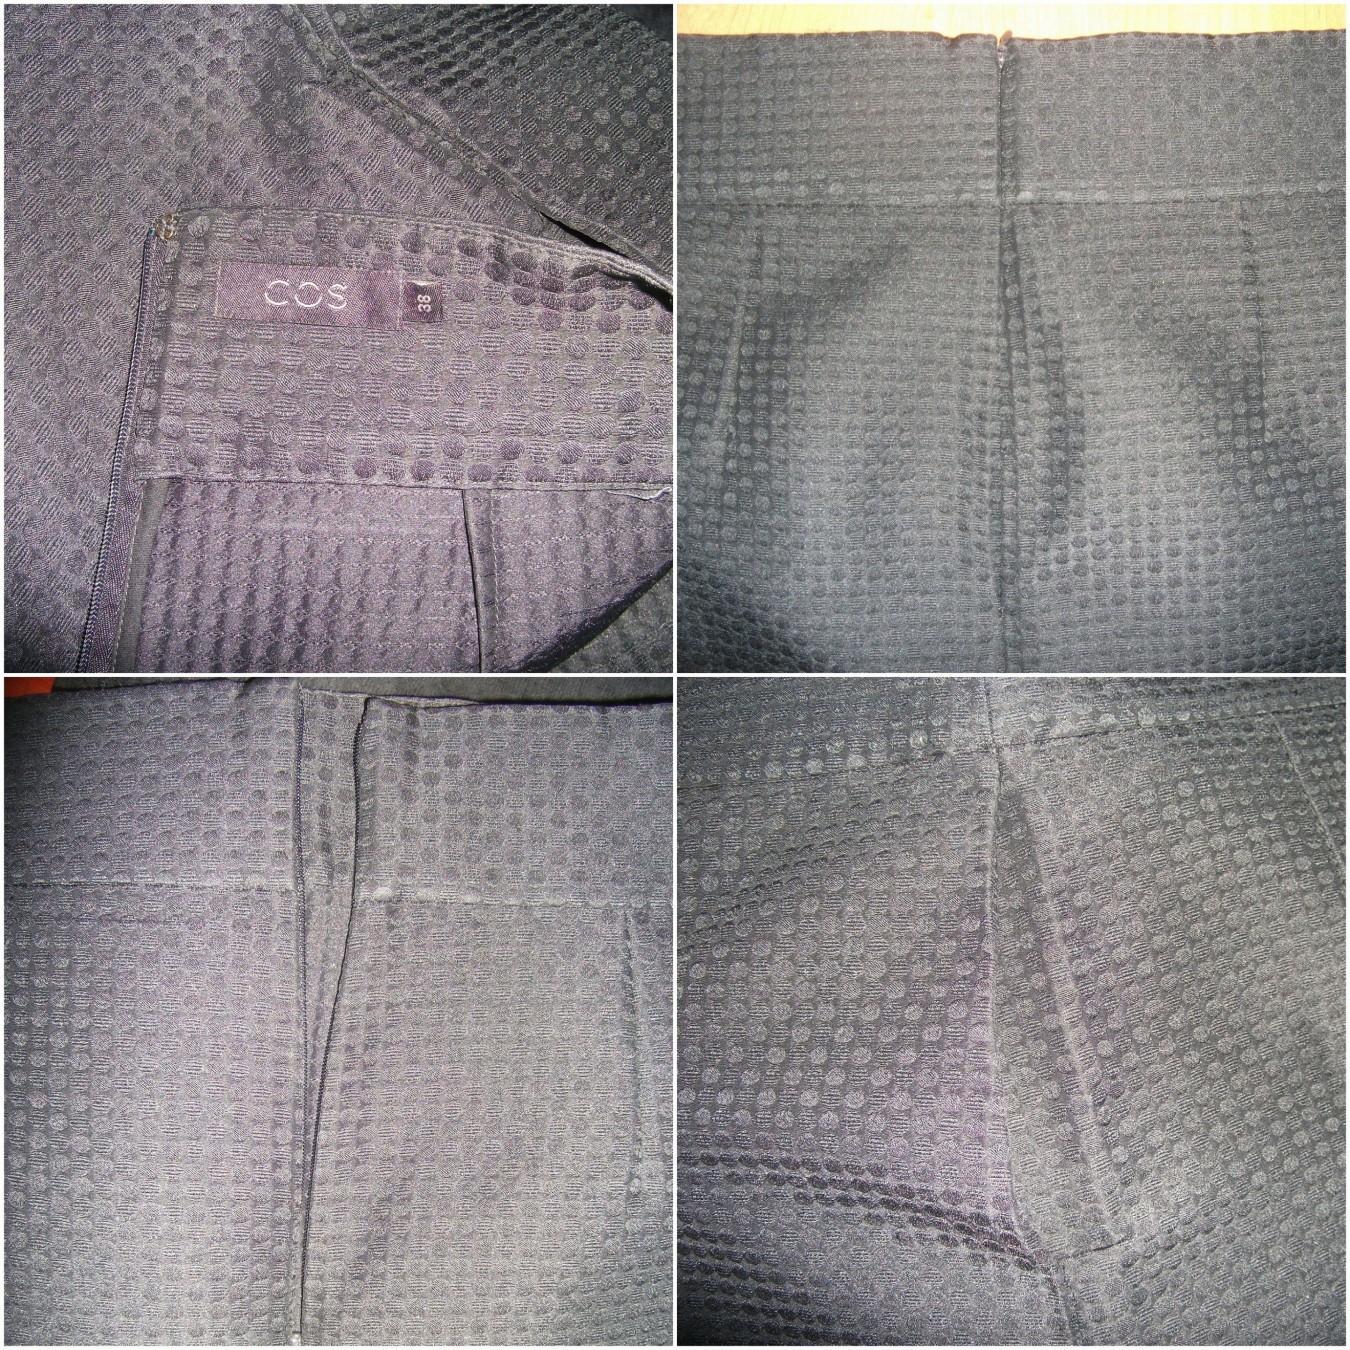 COS áčková sukňa s hodvábom a textúrou New - Obrázok č. 4